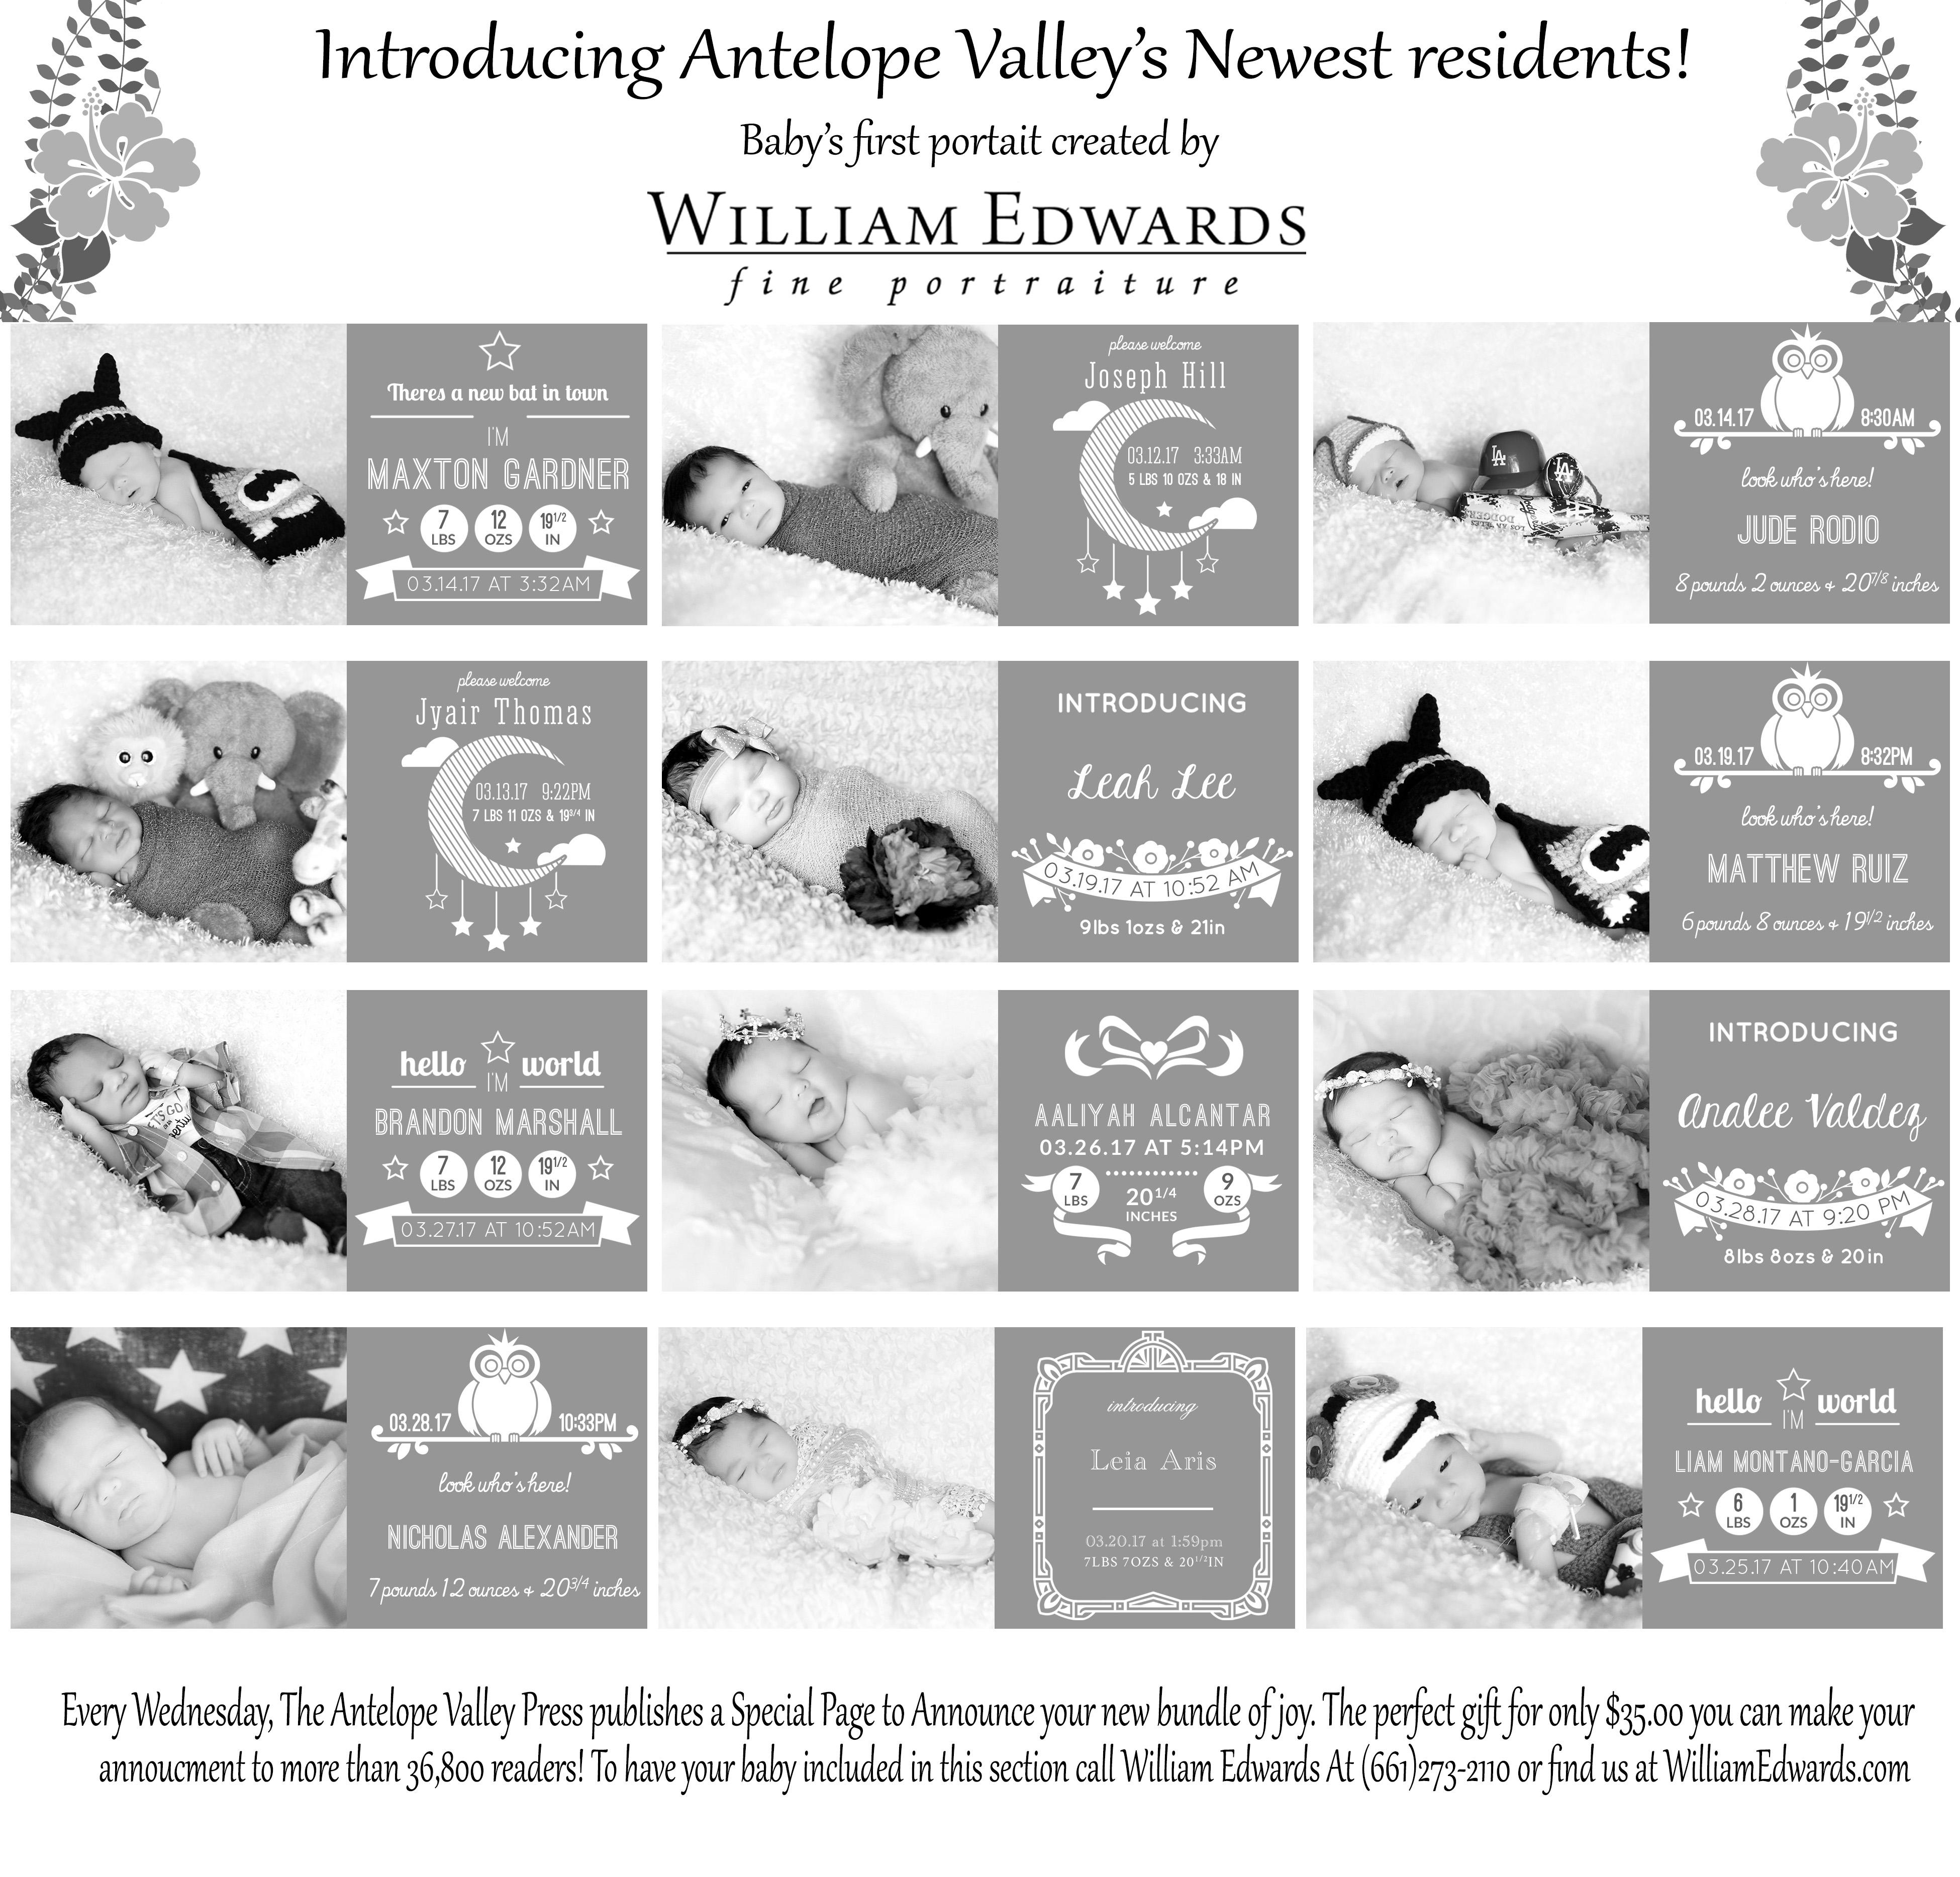 AV PRESS WEEK FOR 4-19-17.jpg